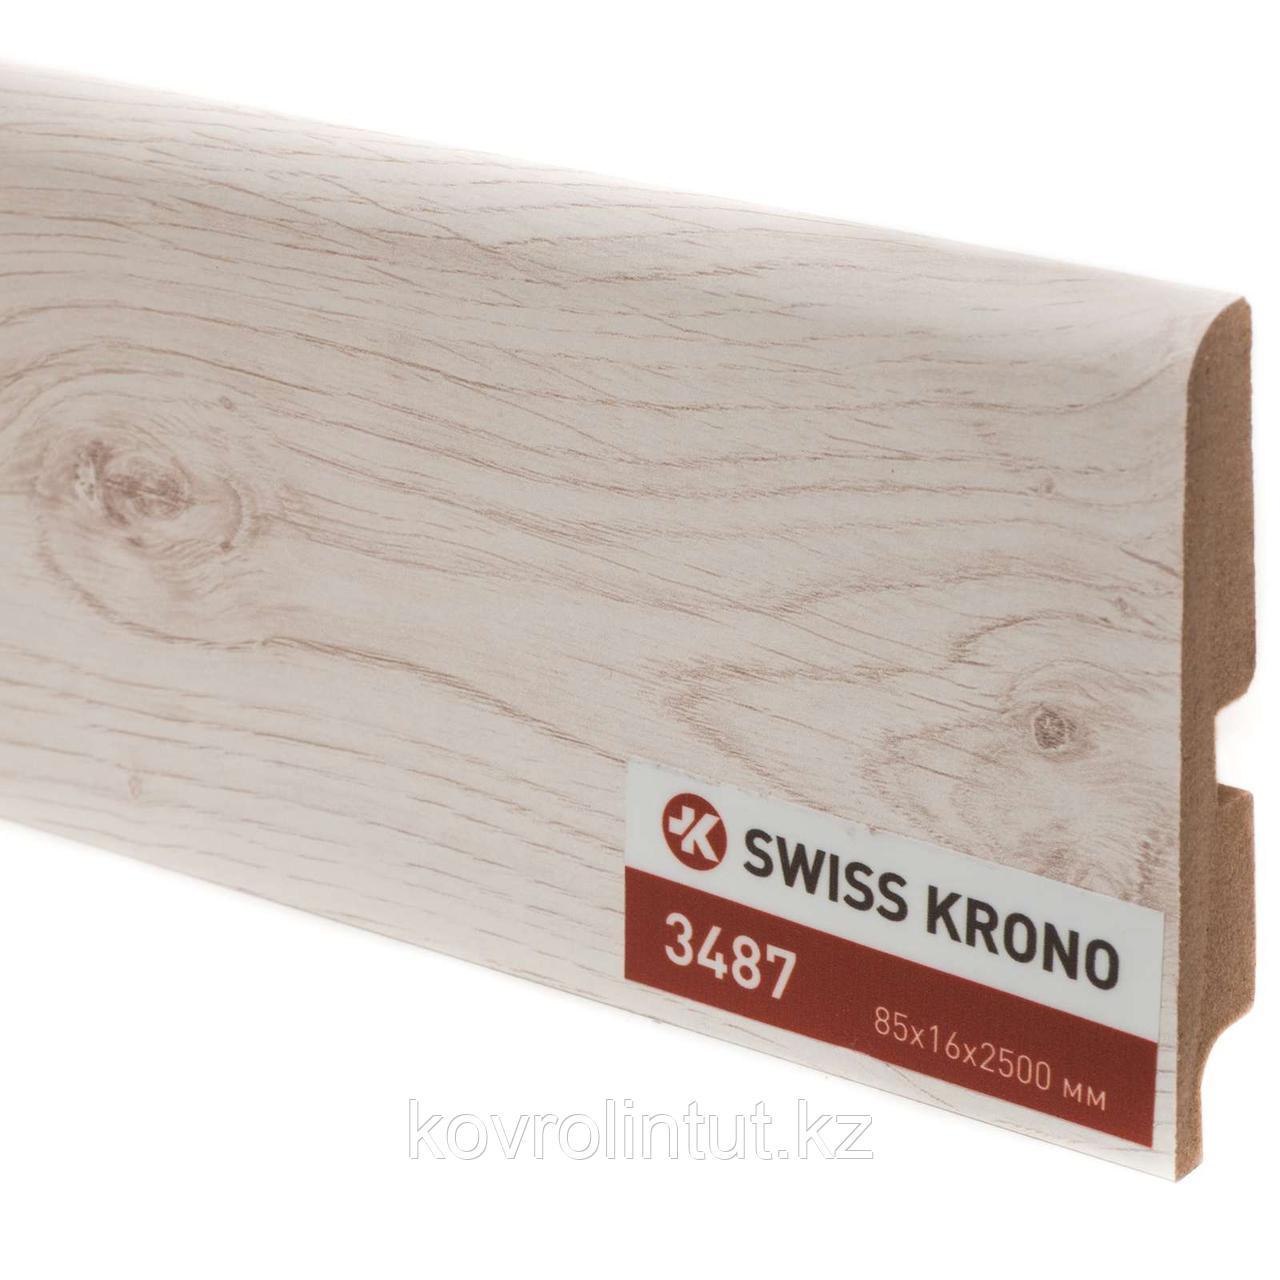 Плинтус Kronopol P85 3487 Bolero Oak 2500х85х16мм